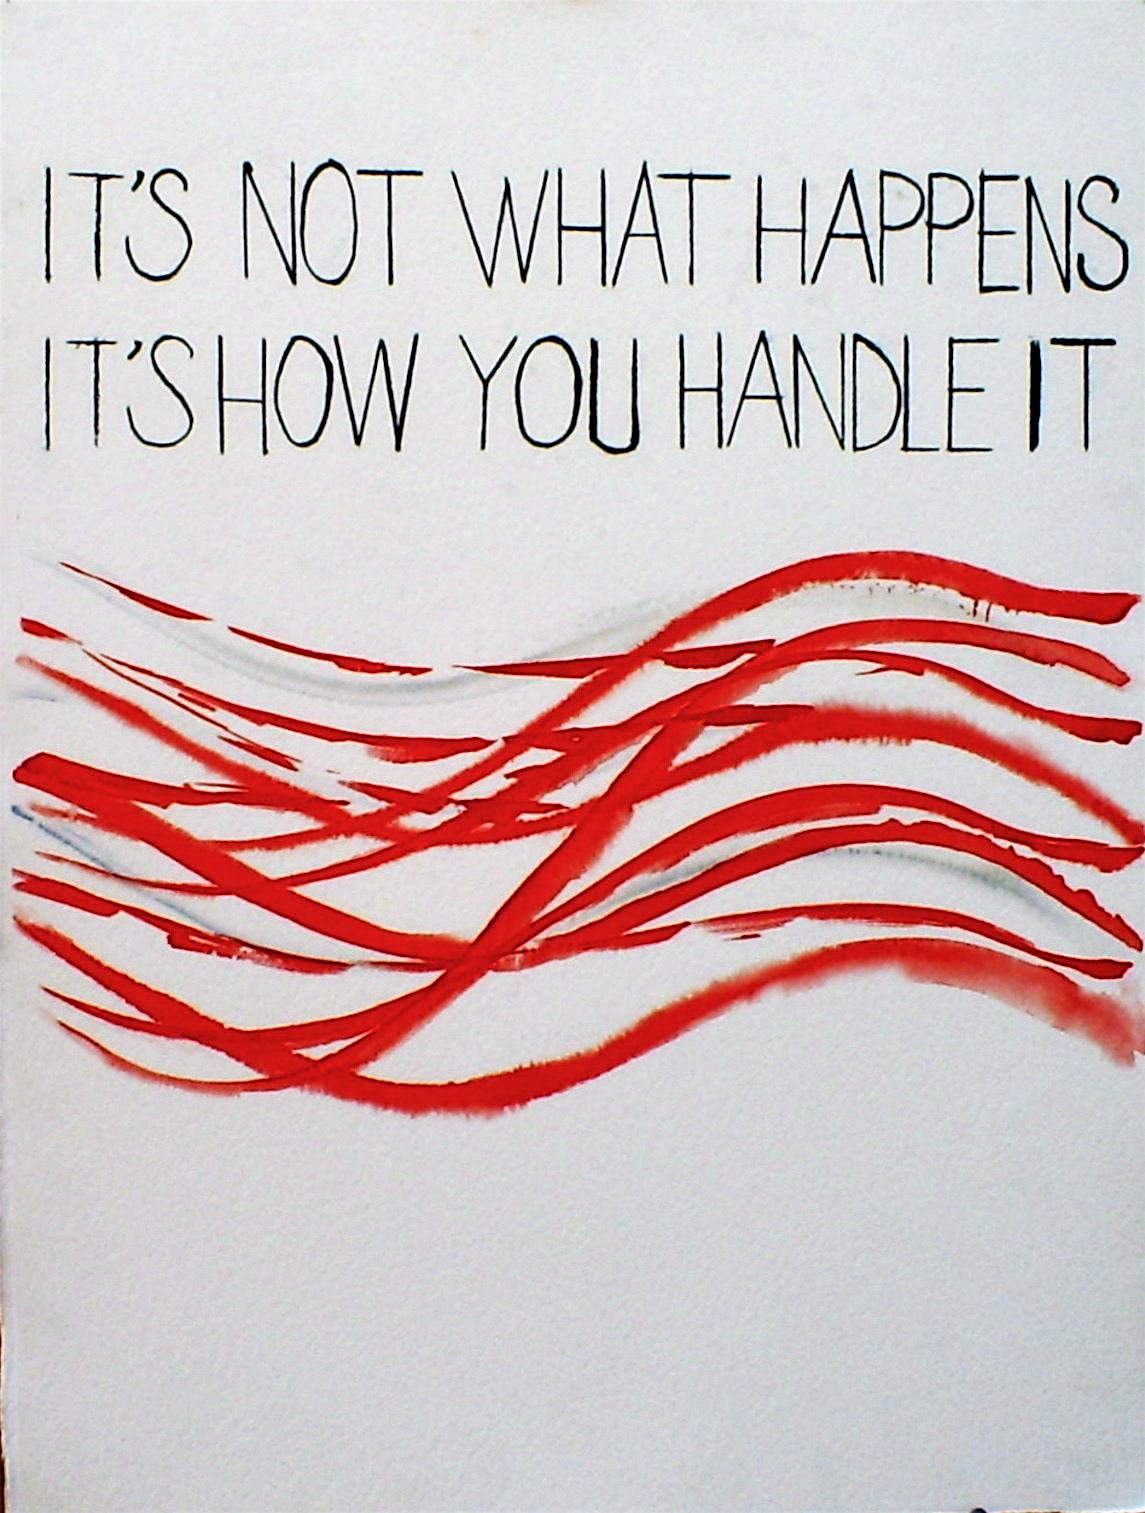 John Giorno e Manlio Capaldi, grafite e acquerello su carta Fabriano, 2006 (cm 50x70)